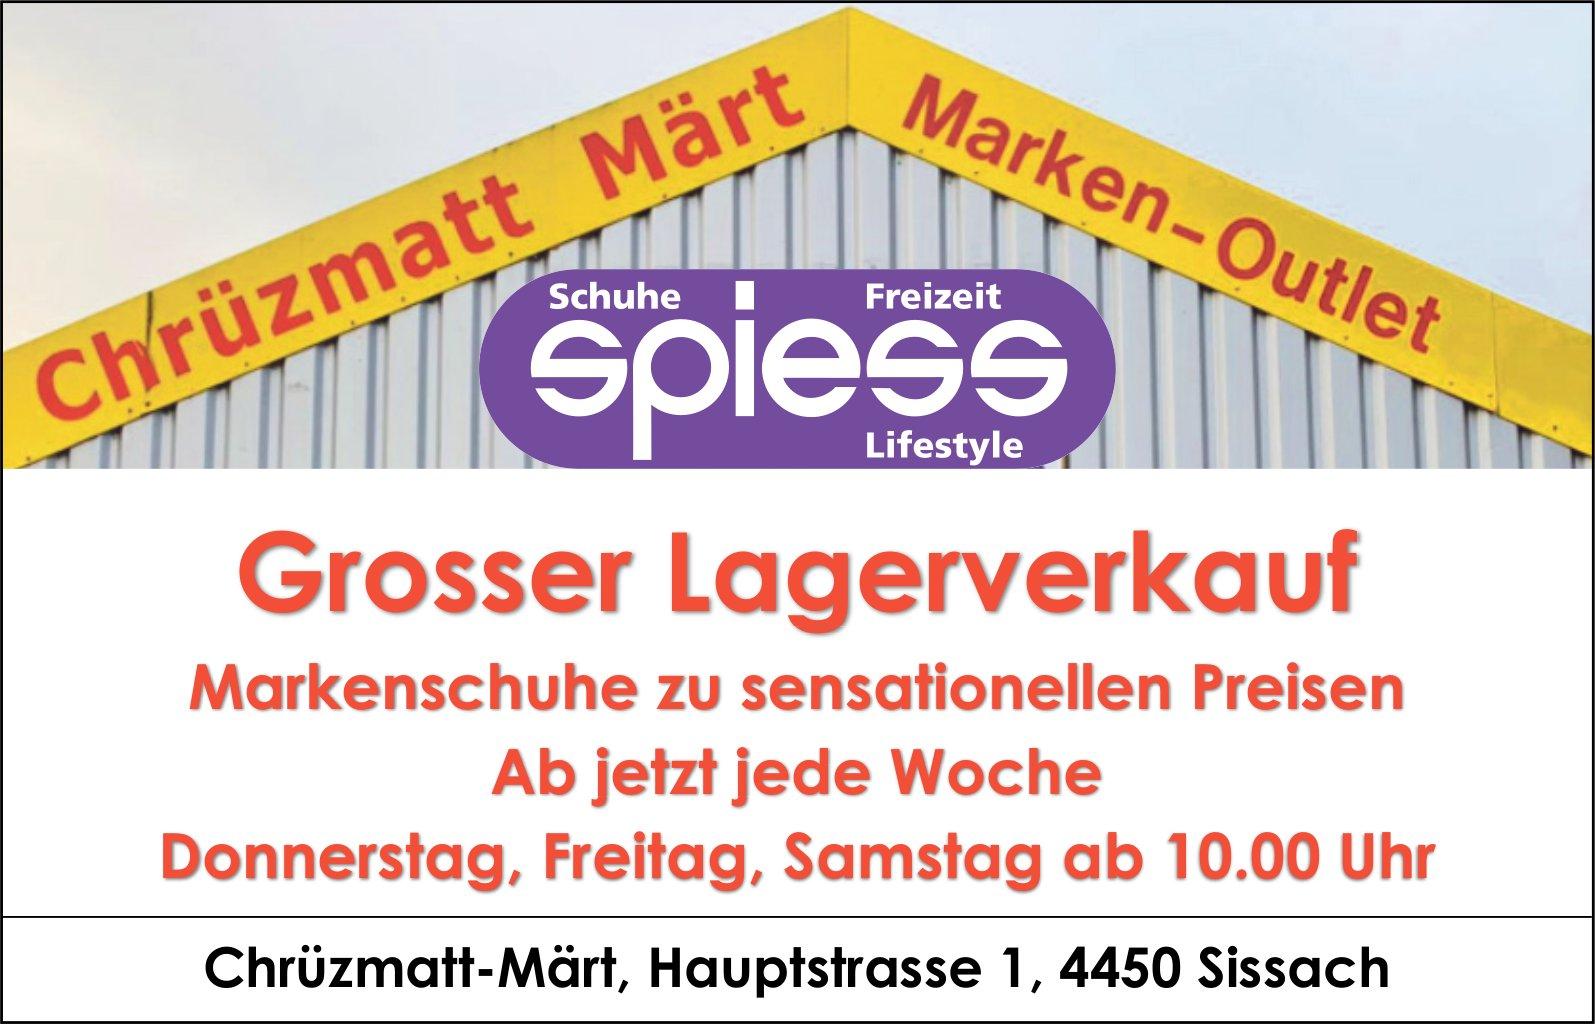 Chrüzmatt-Märt, Marken-Outlet, Sissach - Grosser Lagerverkauf